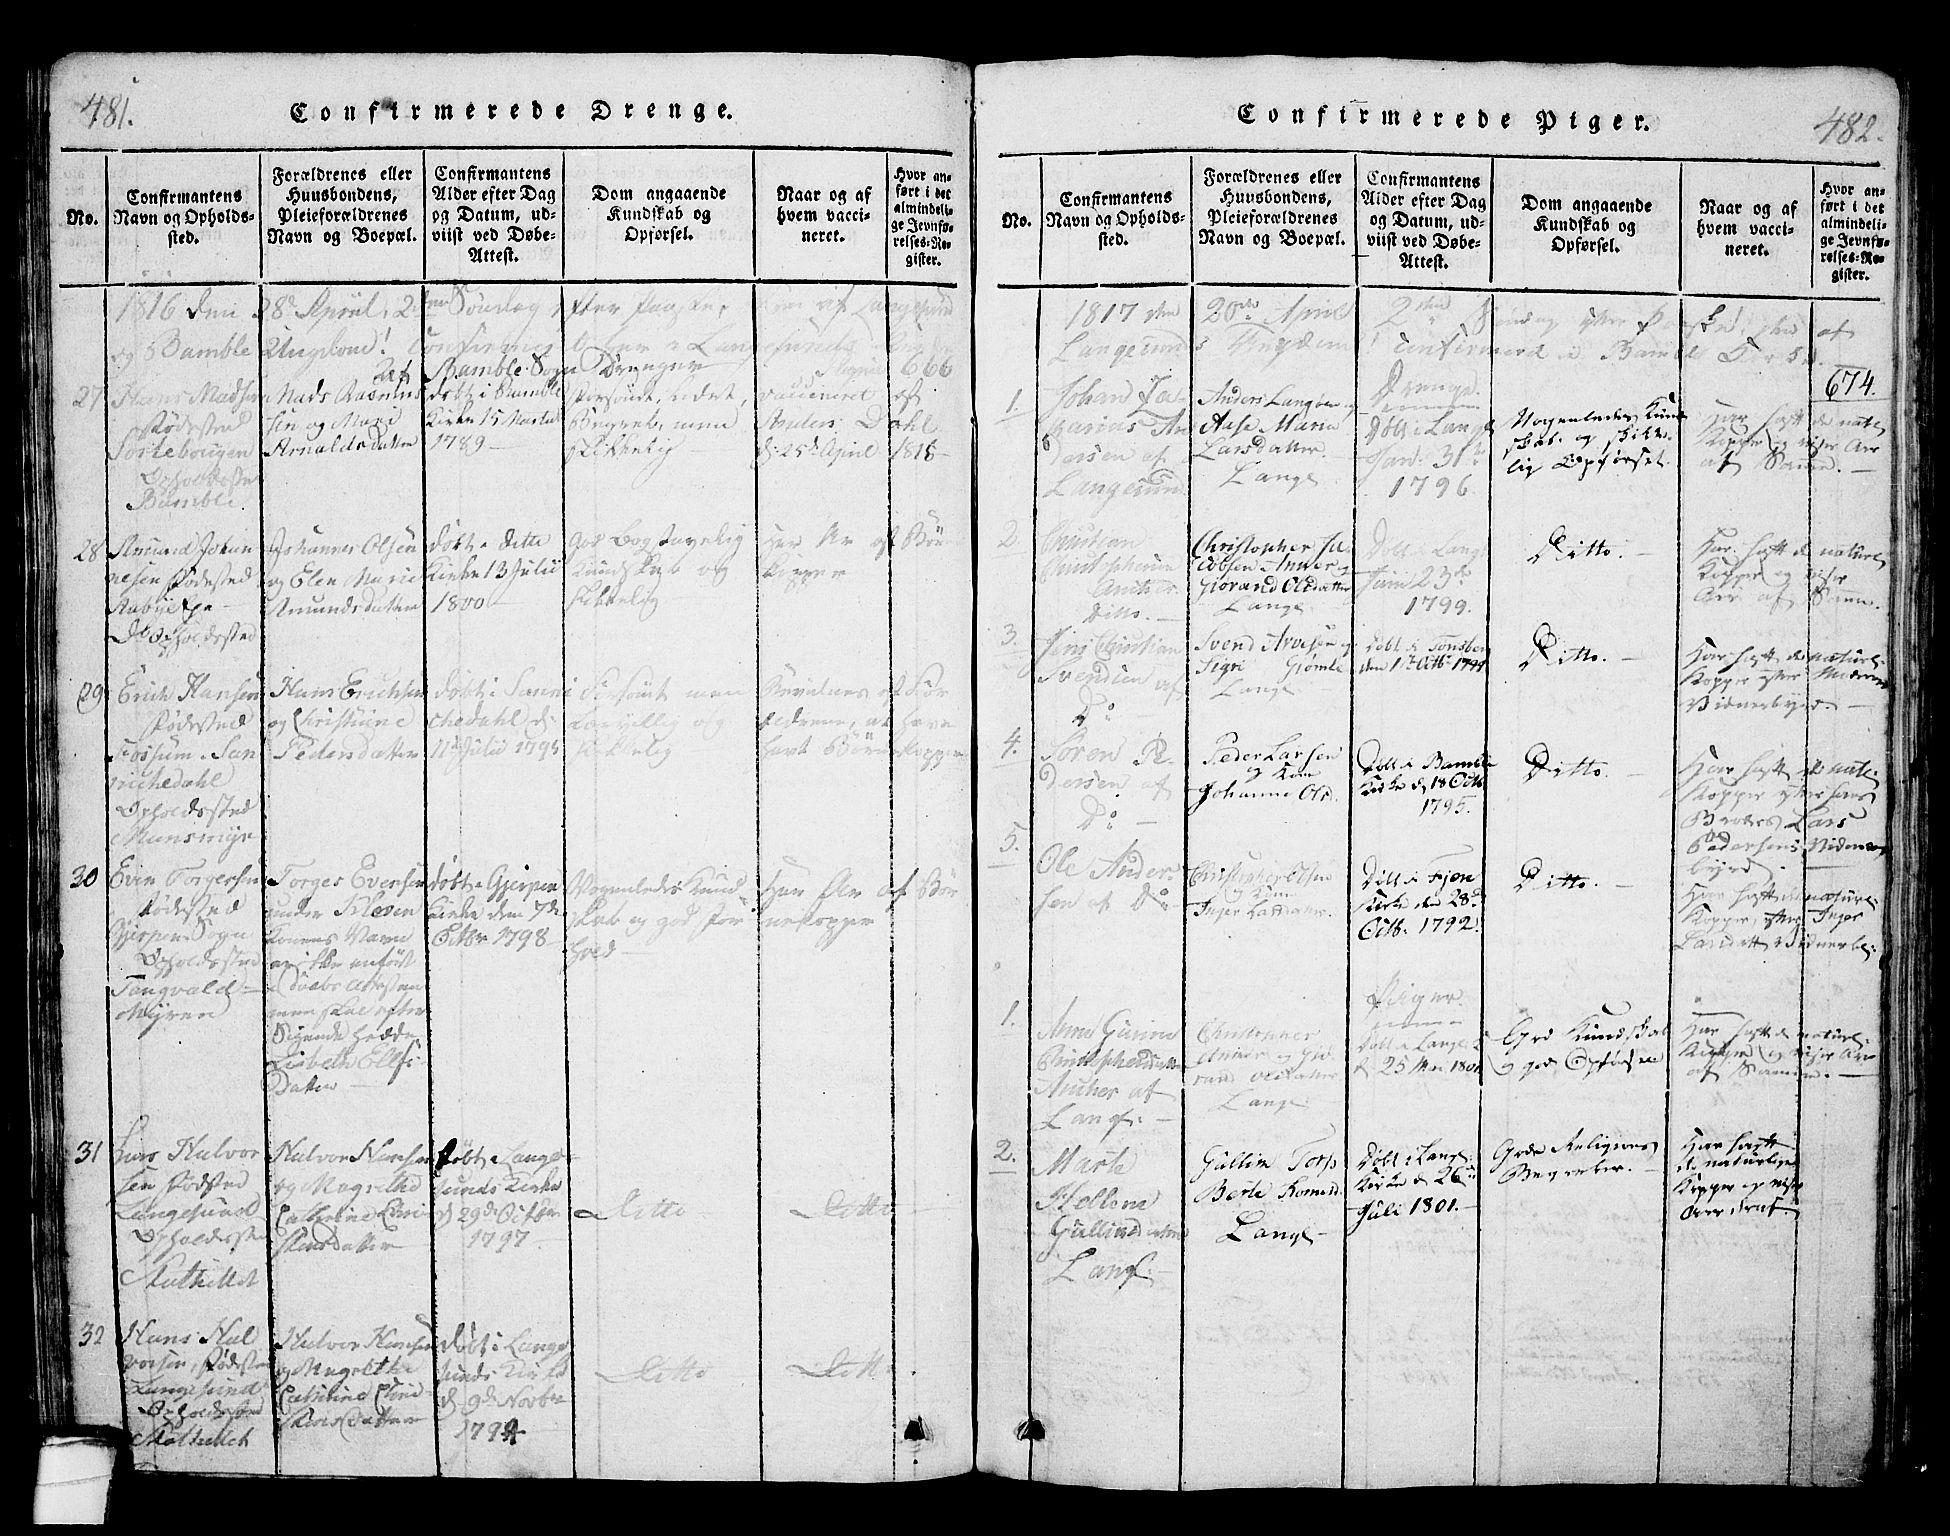 SAKO, Langesund kirkebøker, G/Ga/L0003: Klokkerbok nr. 3, 1815-1858, s. 481-482